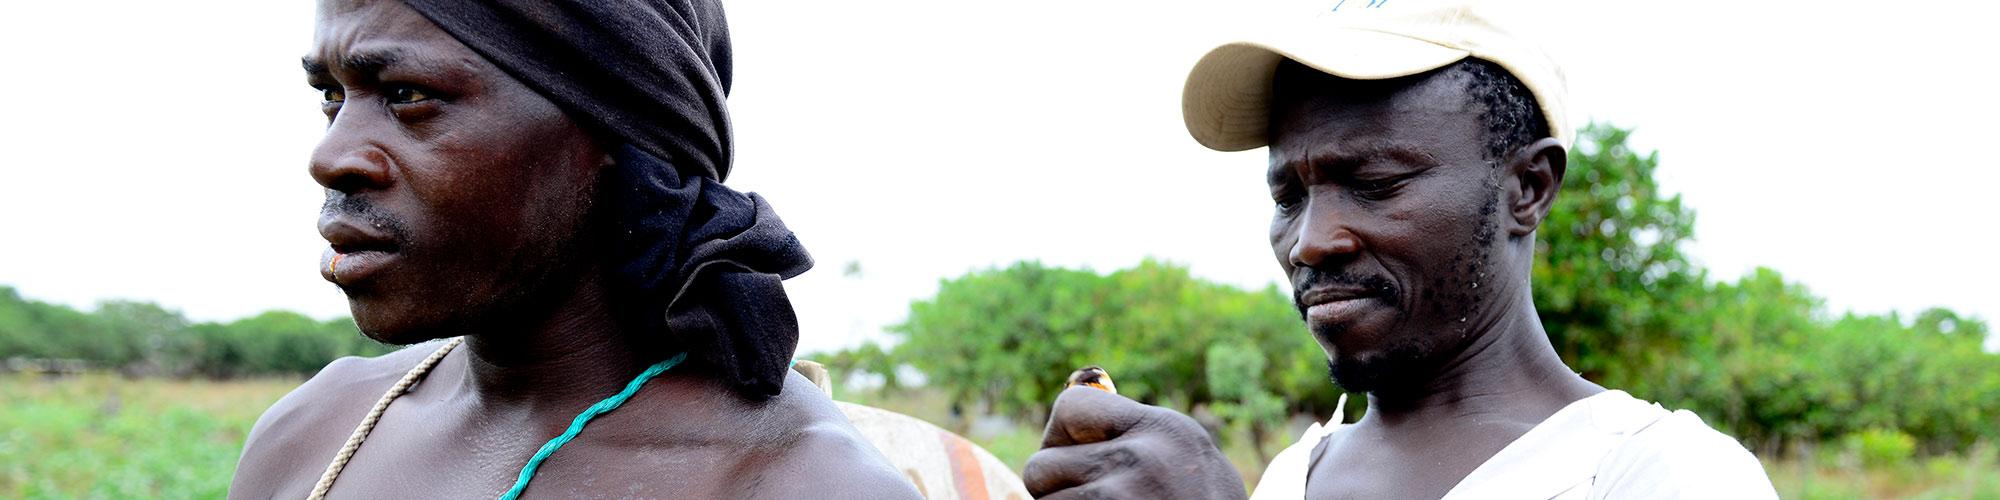 Orango, un viaje consciente y comprometido a Guinea Bissau